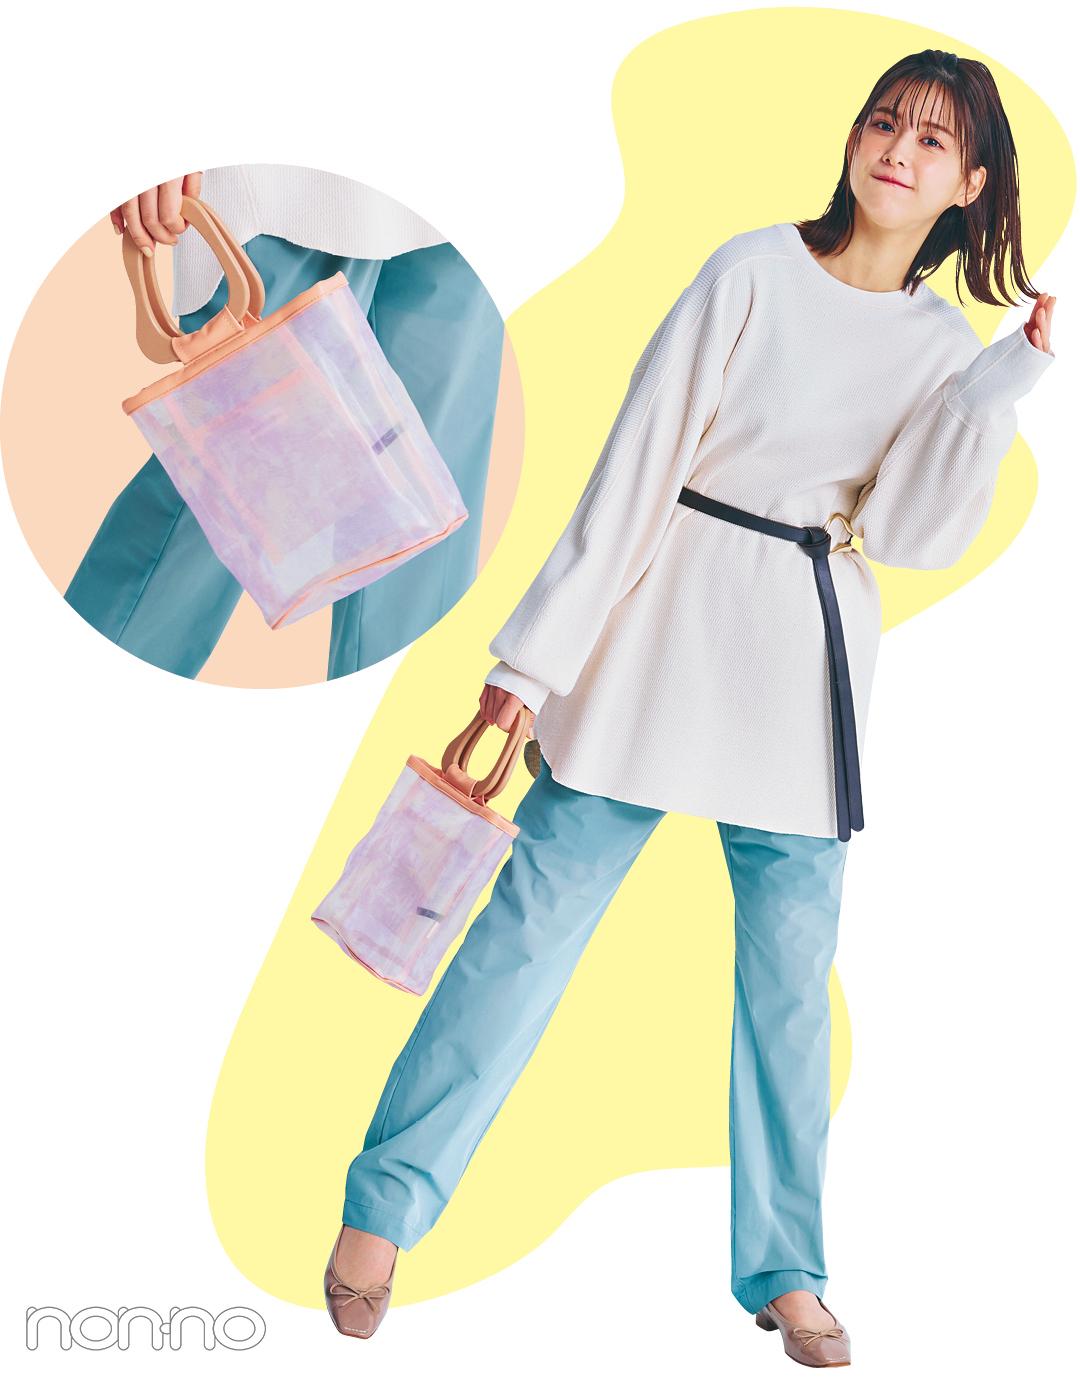 【2021年ファッショントレンド vol.7】なんでもシアー素材が正解!_1_3